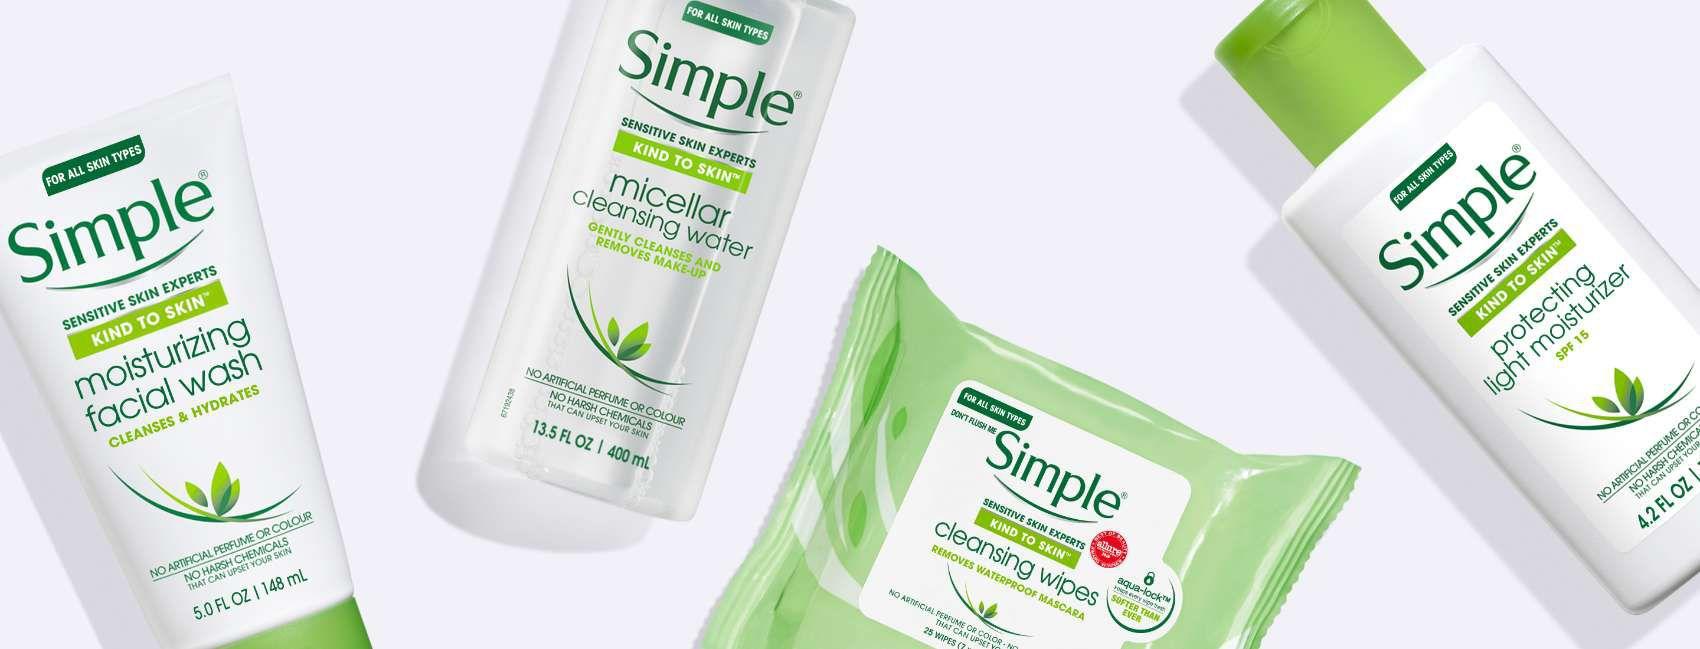 mỹ phẩm Simple có tốt không